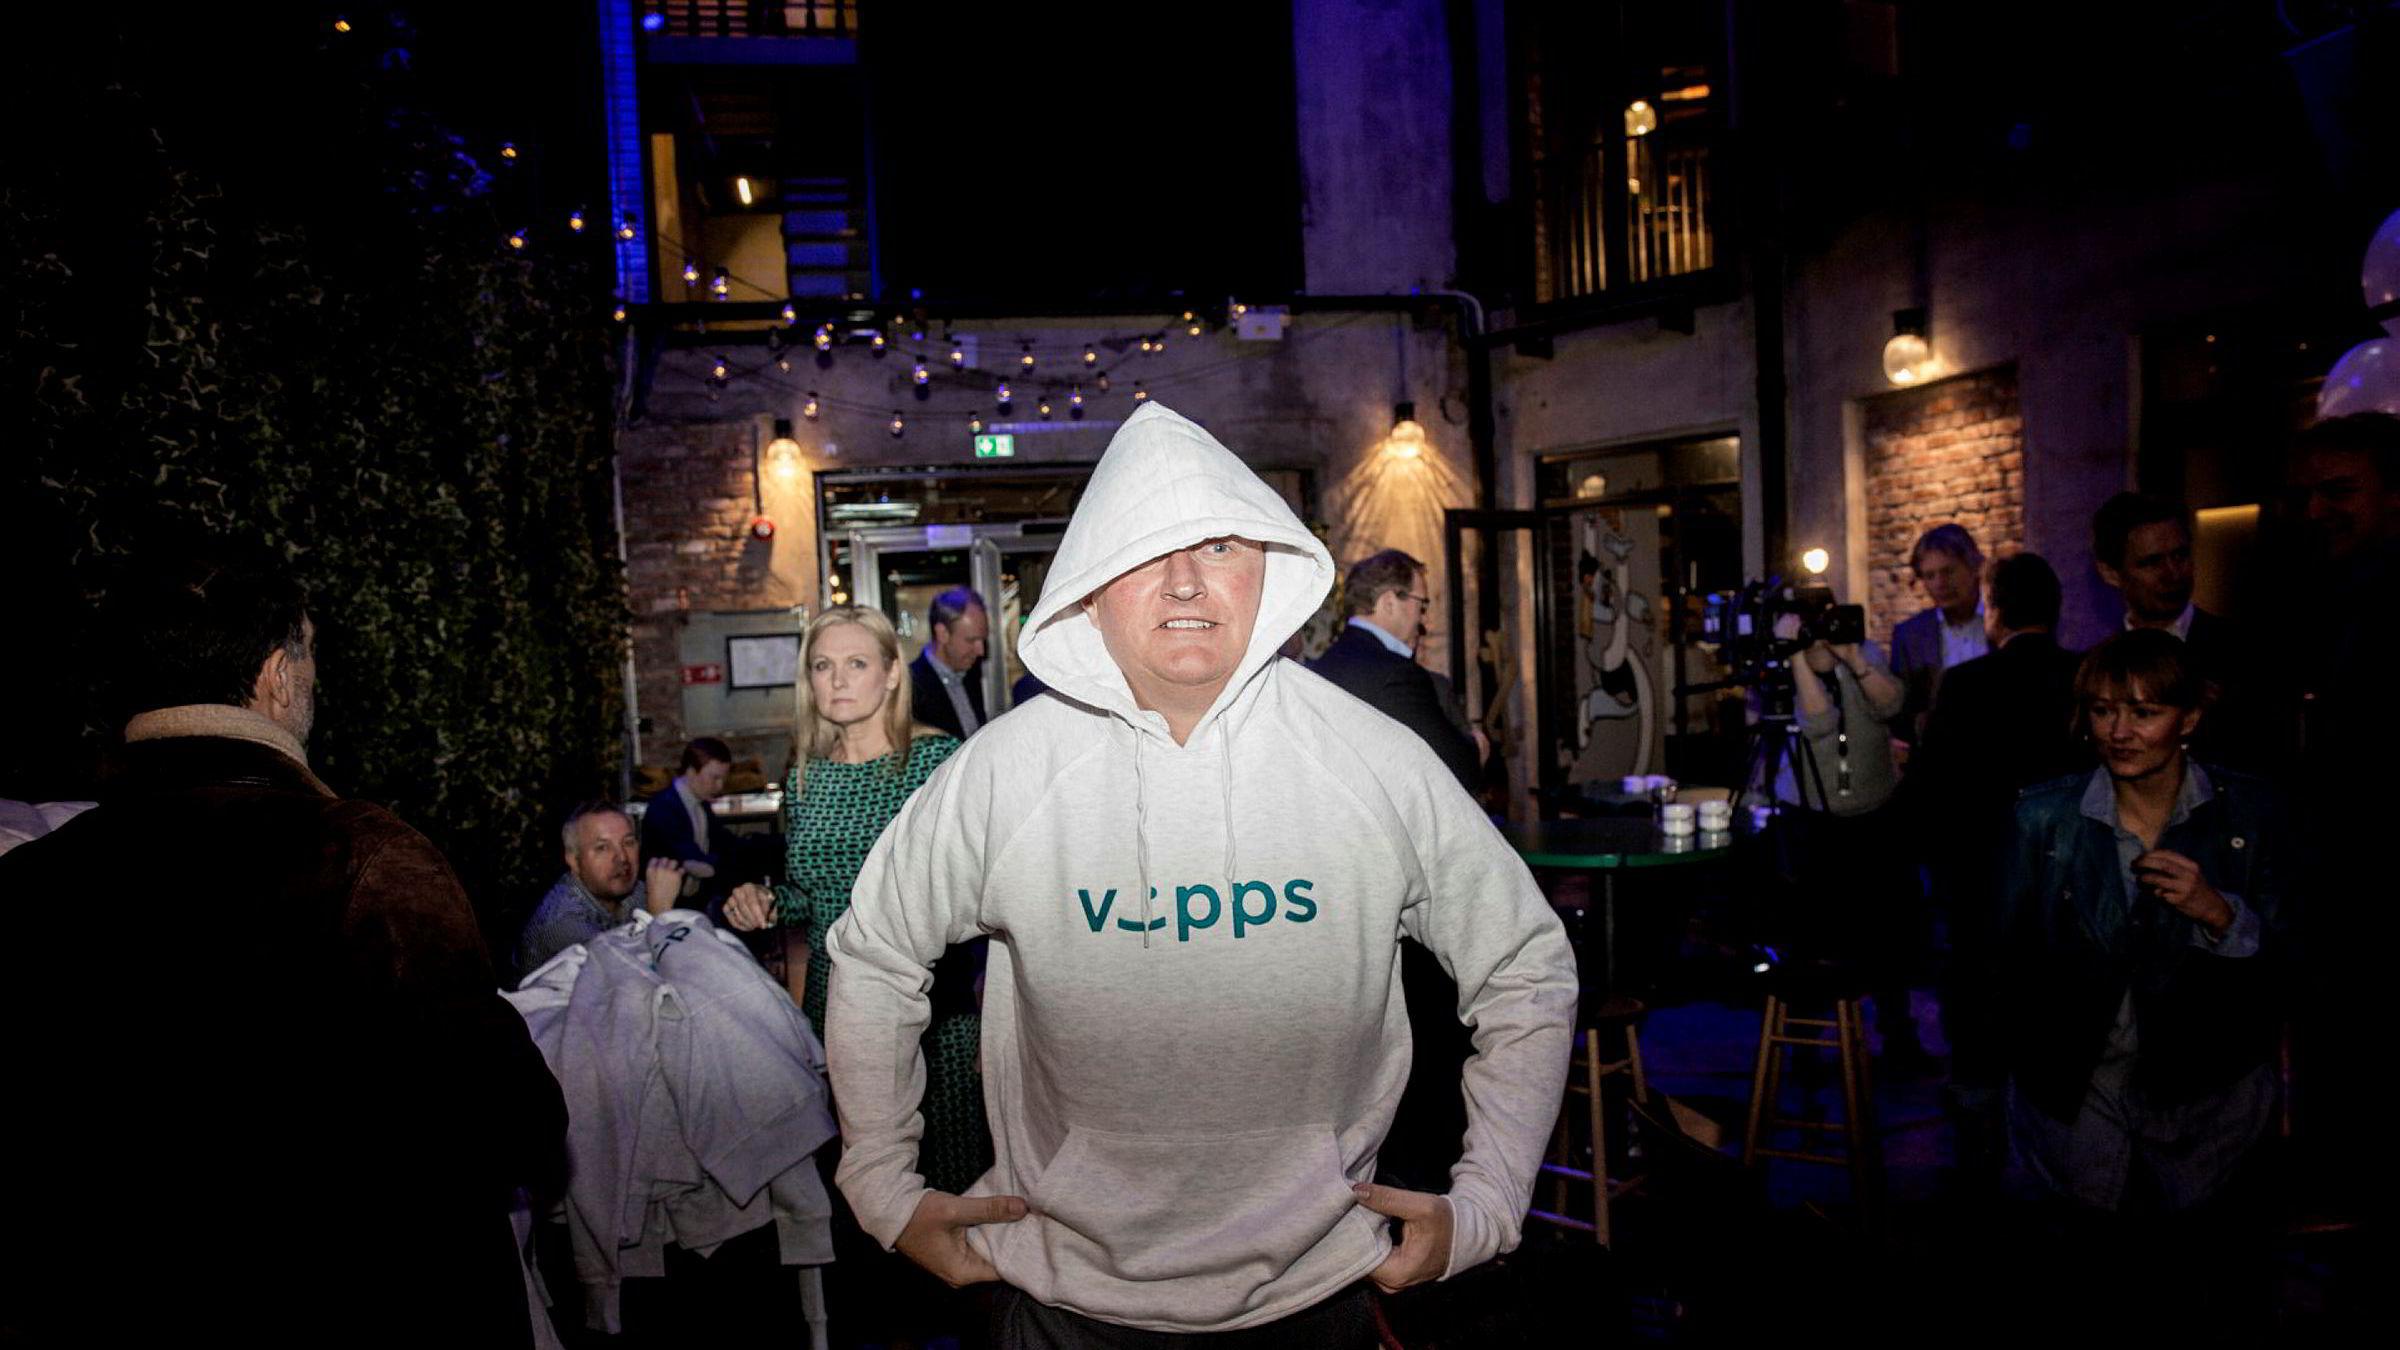 Konsernsjef Rune Bjerke i DNB tar en Vipps-gevinst på 754 millioner kroner i tredje kvartal.